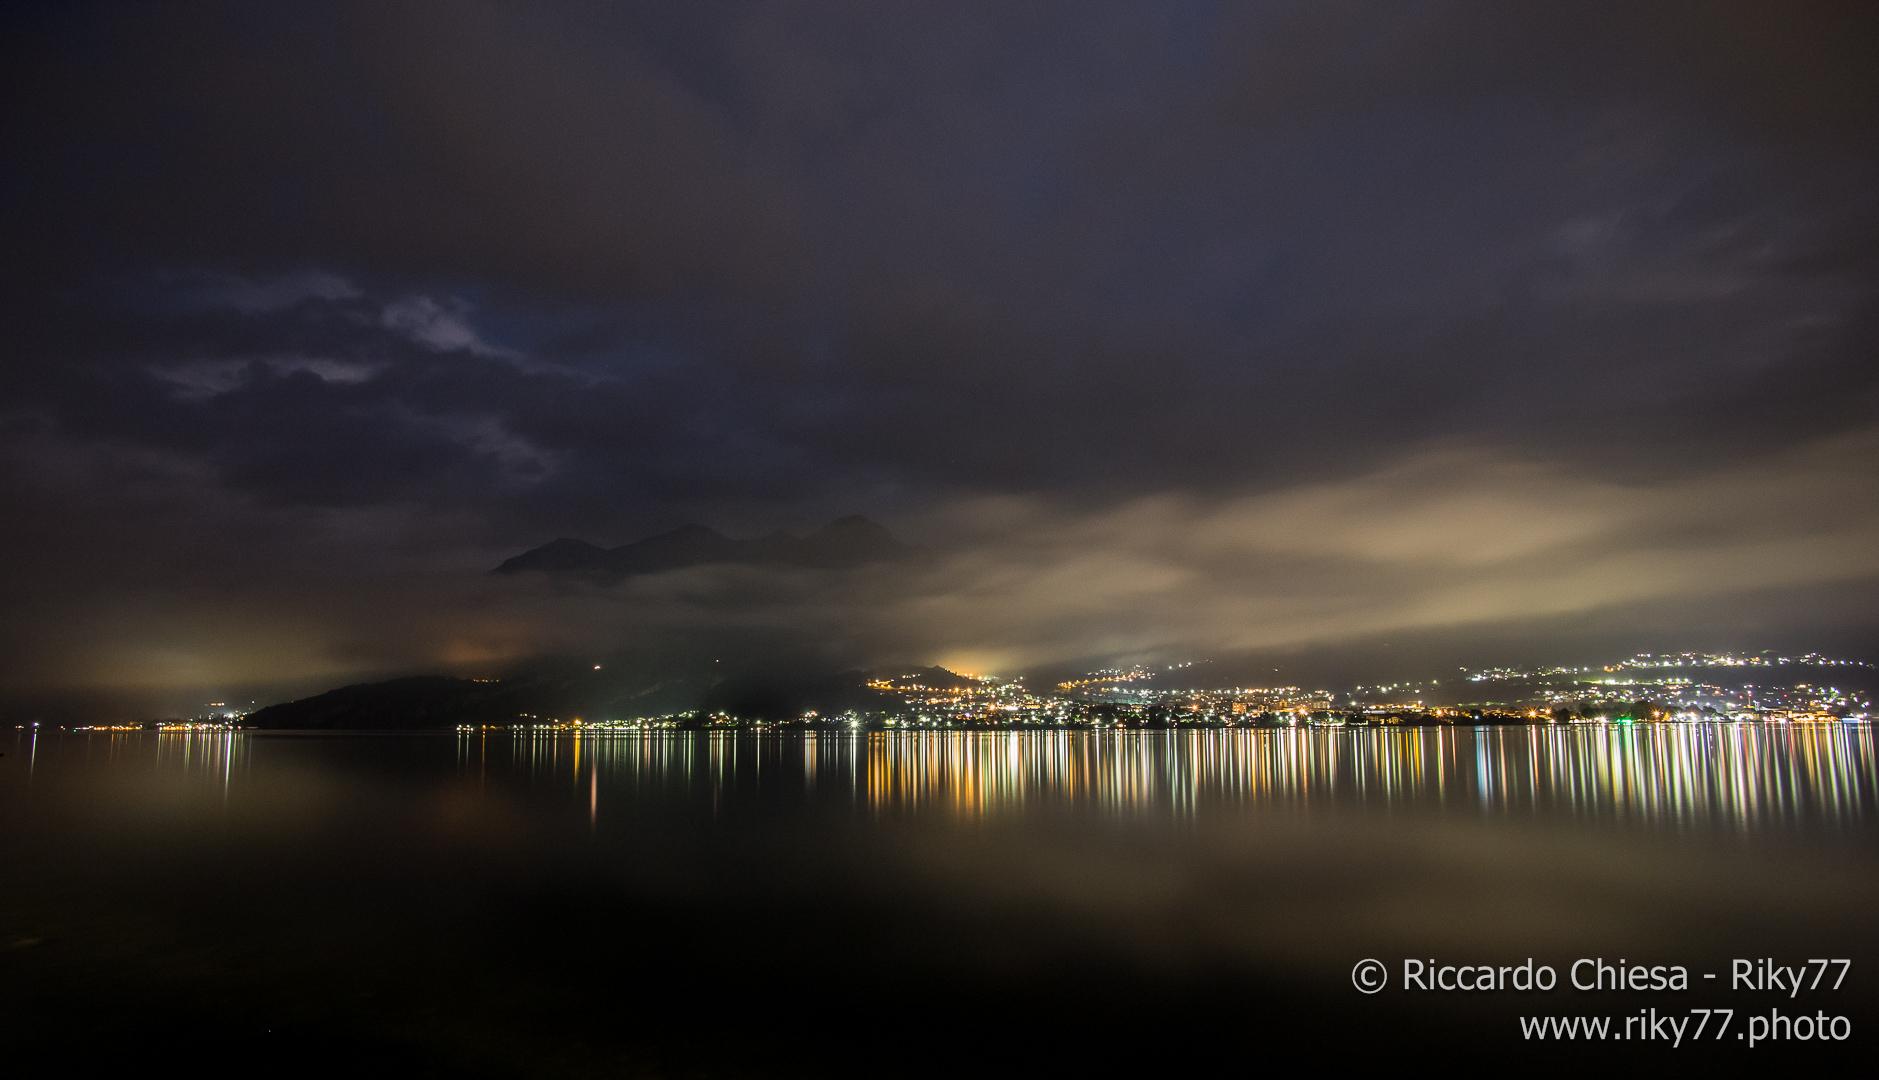 Il lago e le nuvole